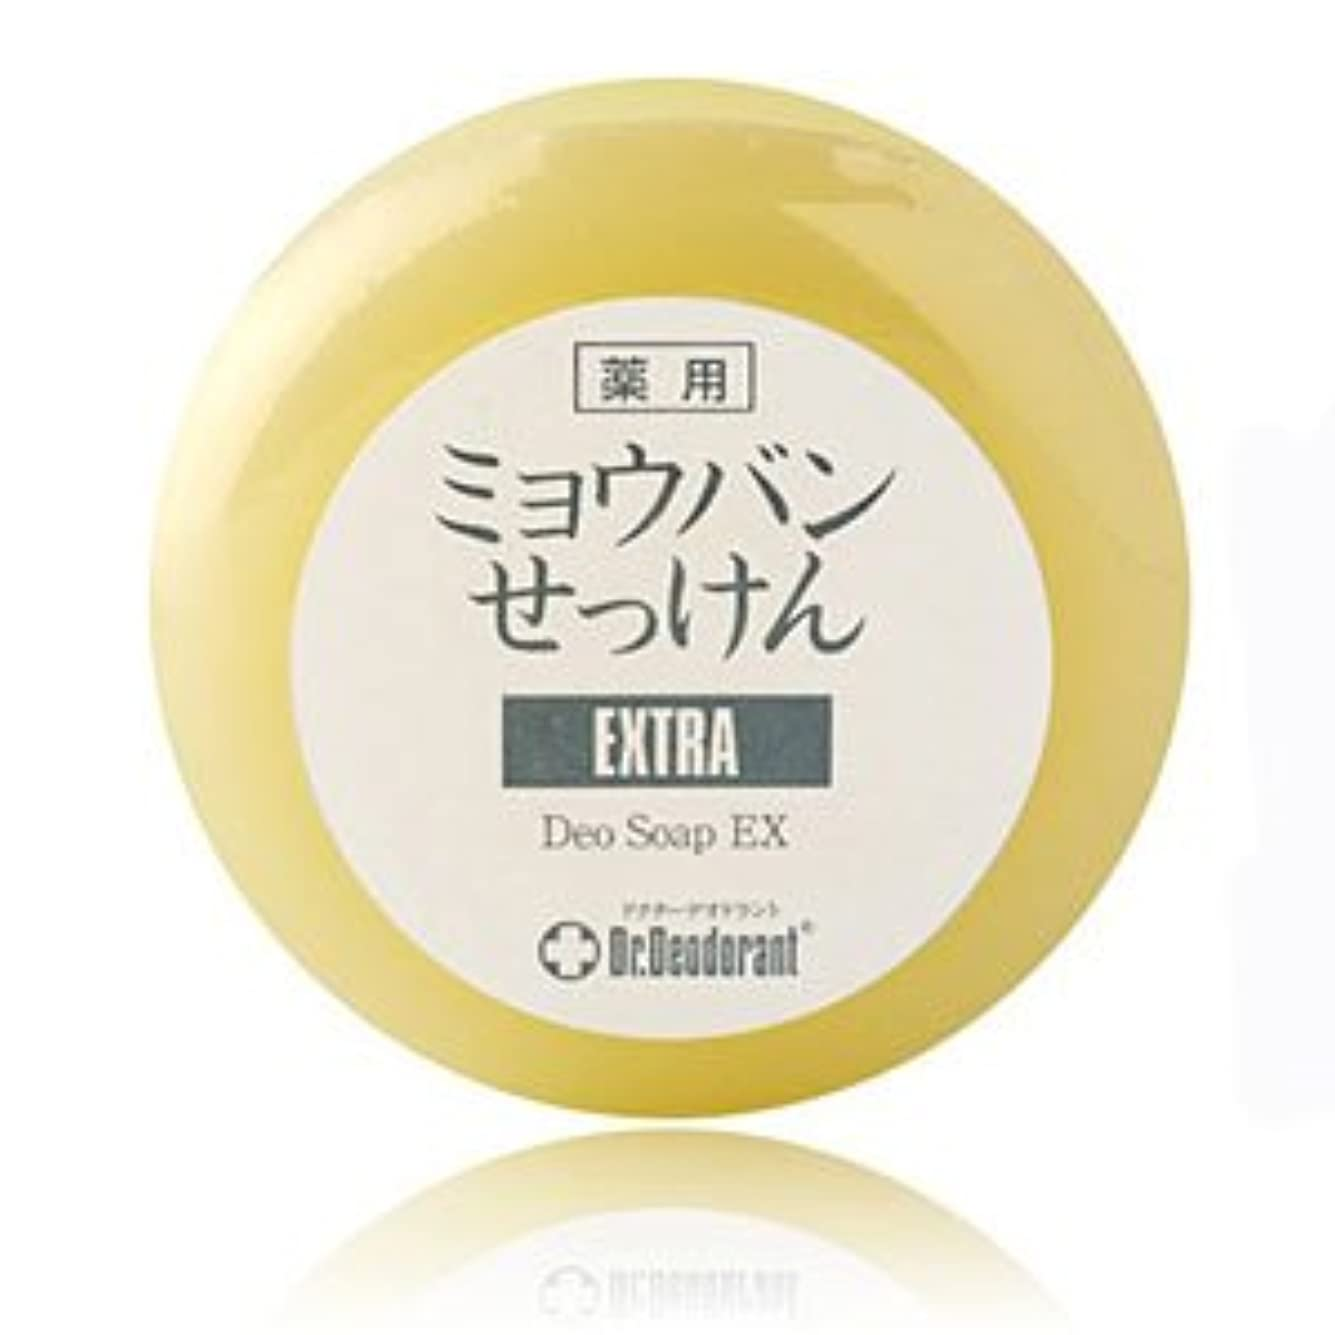 寛大さ指紋ロードブロッキングドクターデオドラント 薬用ミョウバン石鹸EX 2個セット